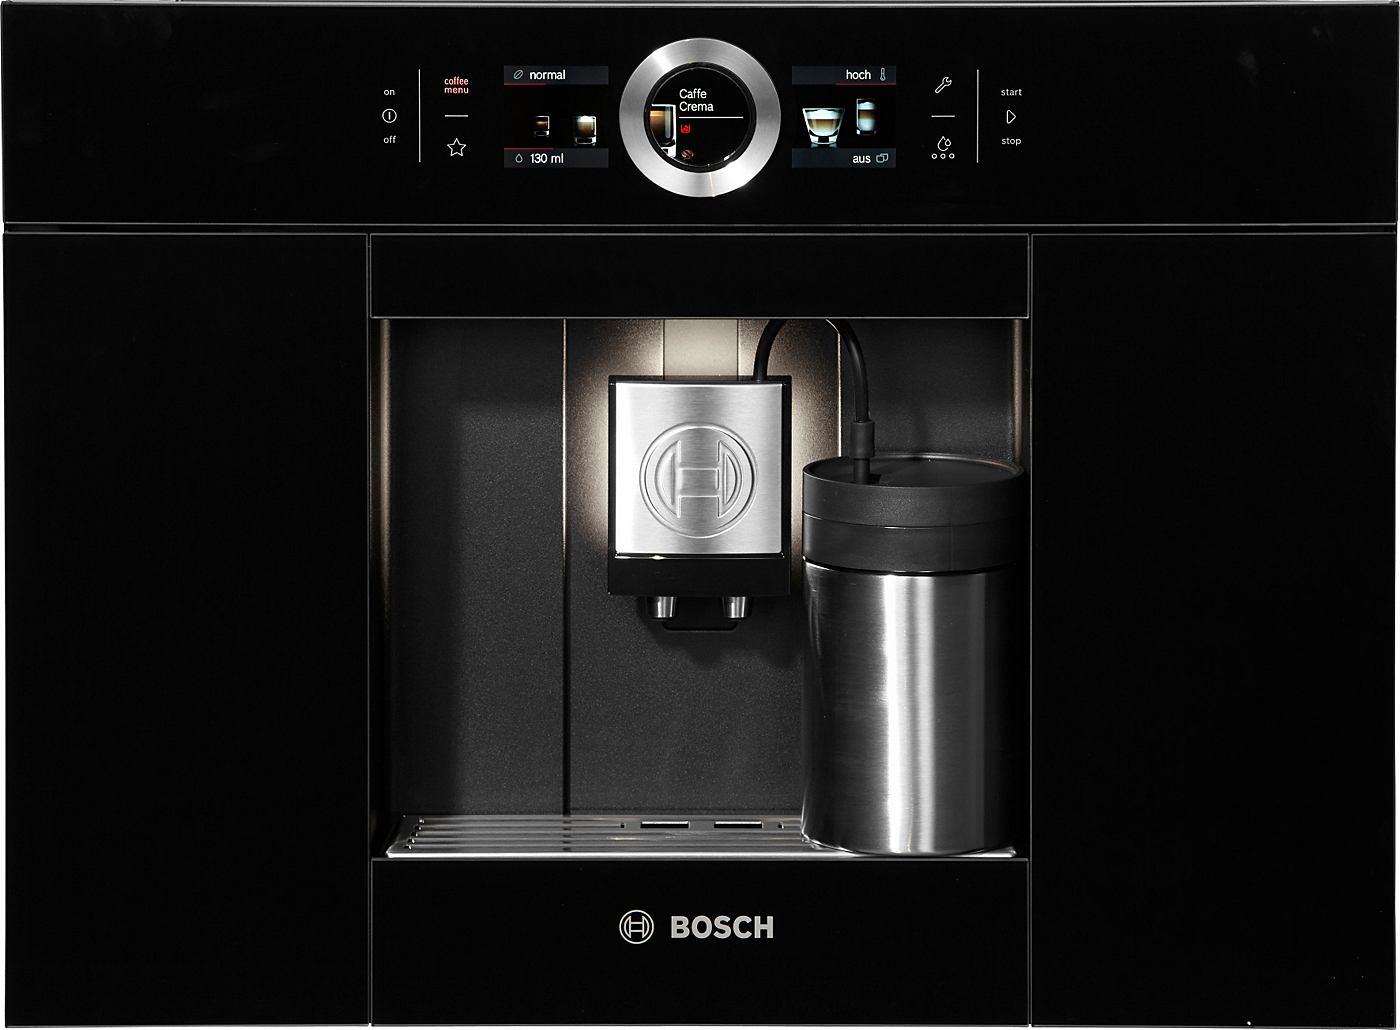 Einbau Kaffeevollautomat Test bosch einbau kaffeevollautomat ctl636eb1 integrierter milchtank